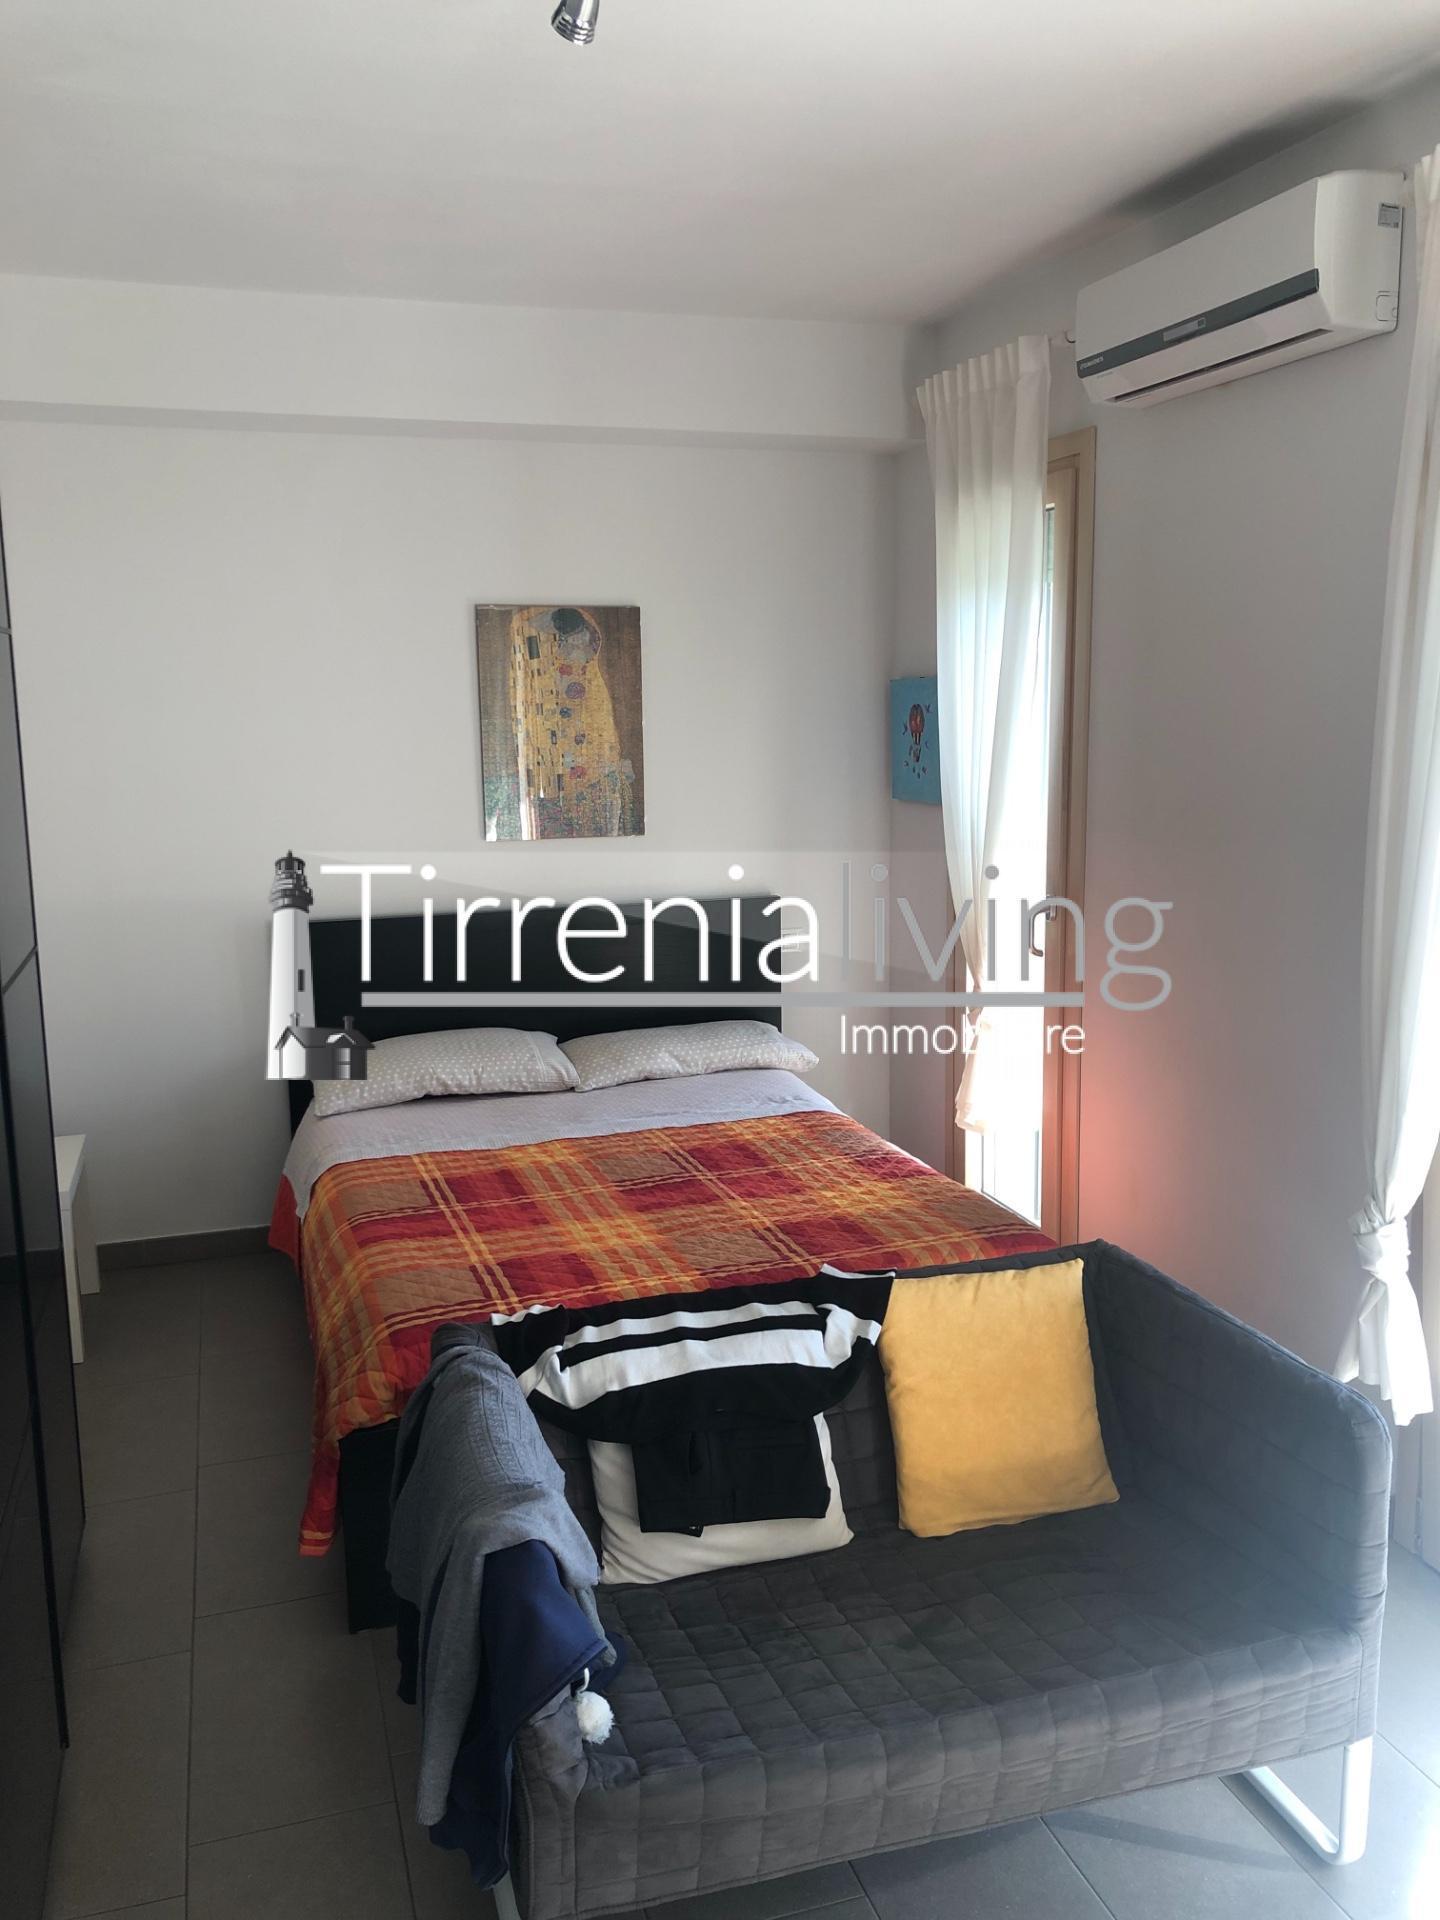 Appartamento in affitto, rif. A-504